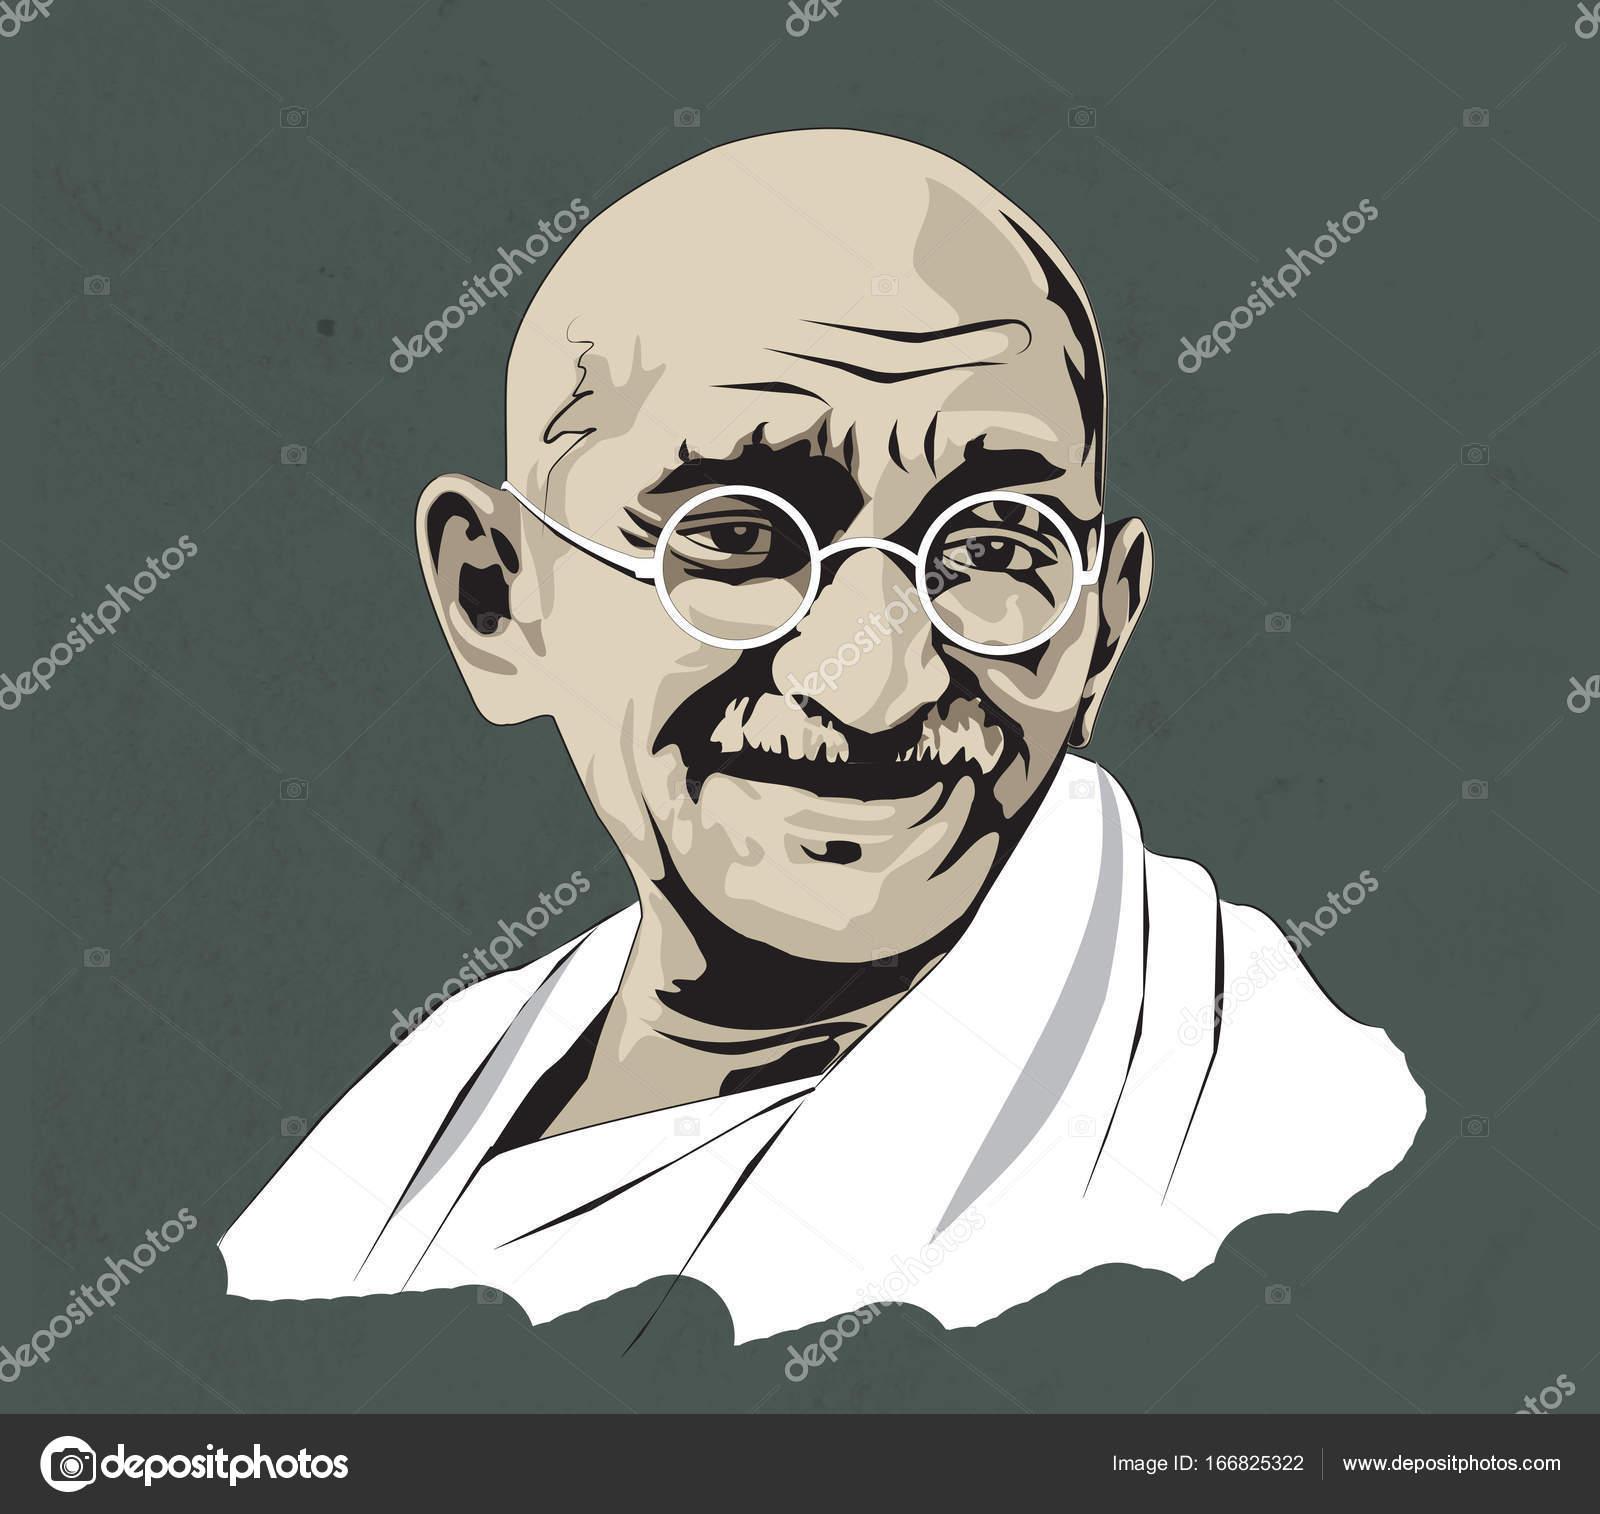 マハトマ ガンディーやマハトマ ガンジー非暴力を推進した偉大なの